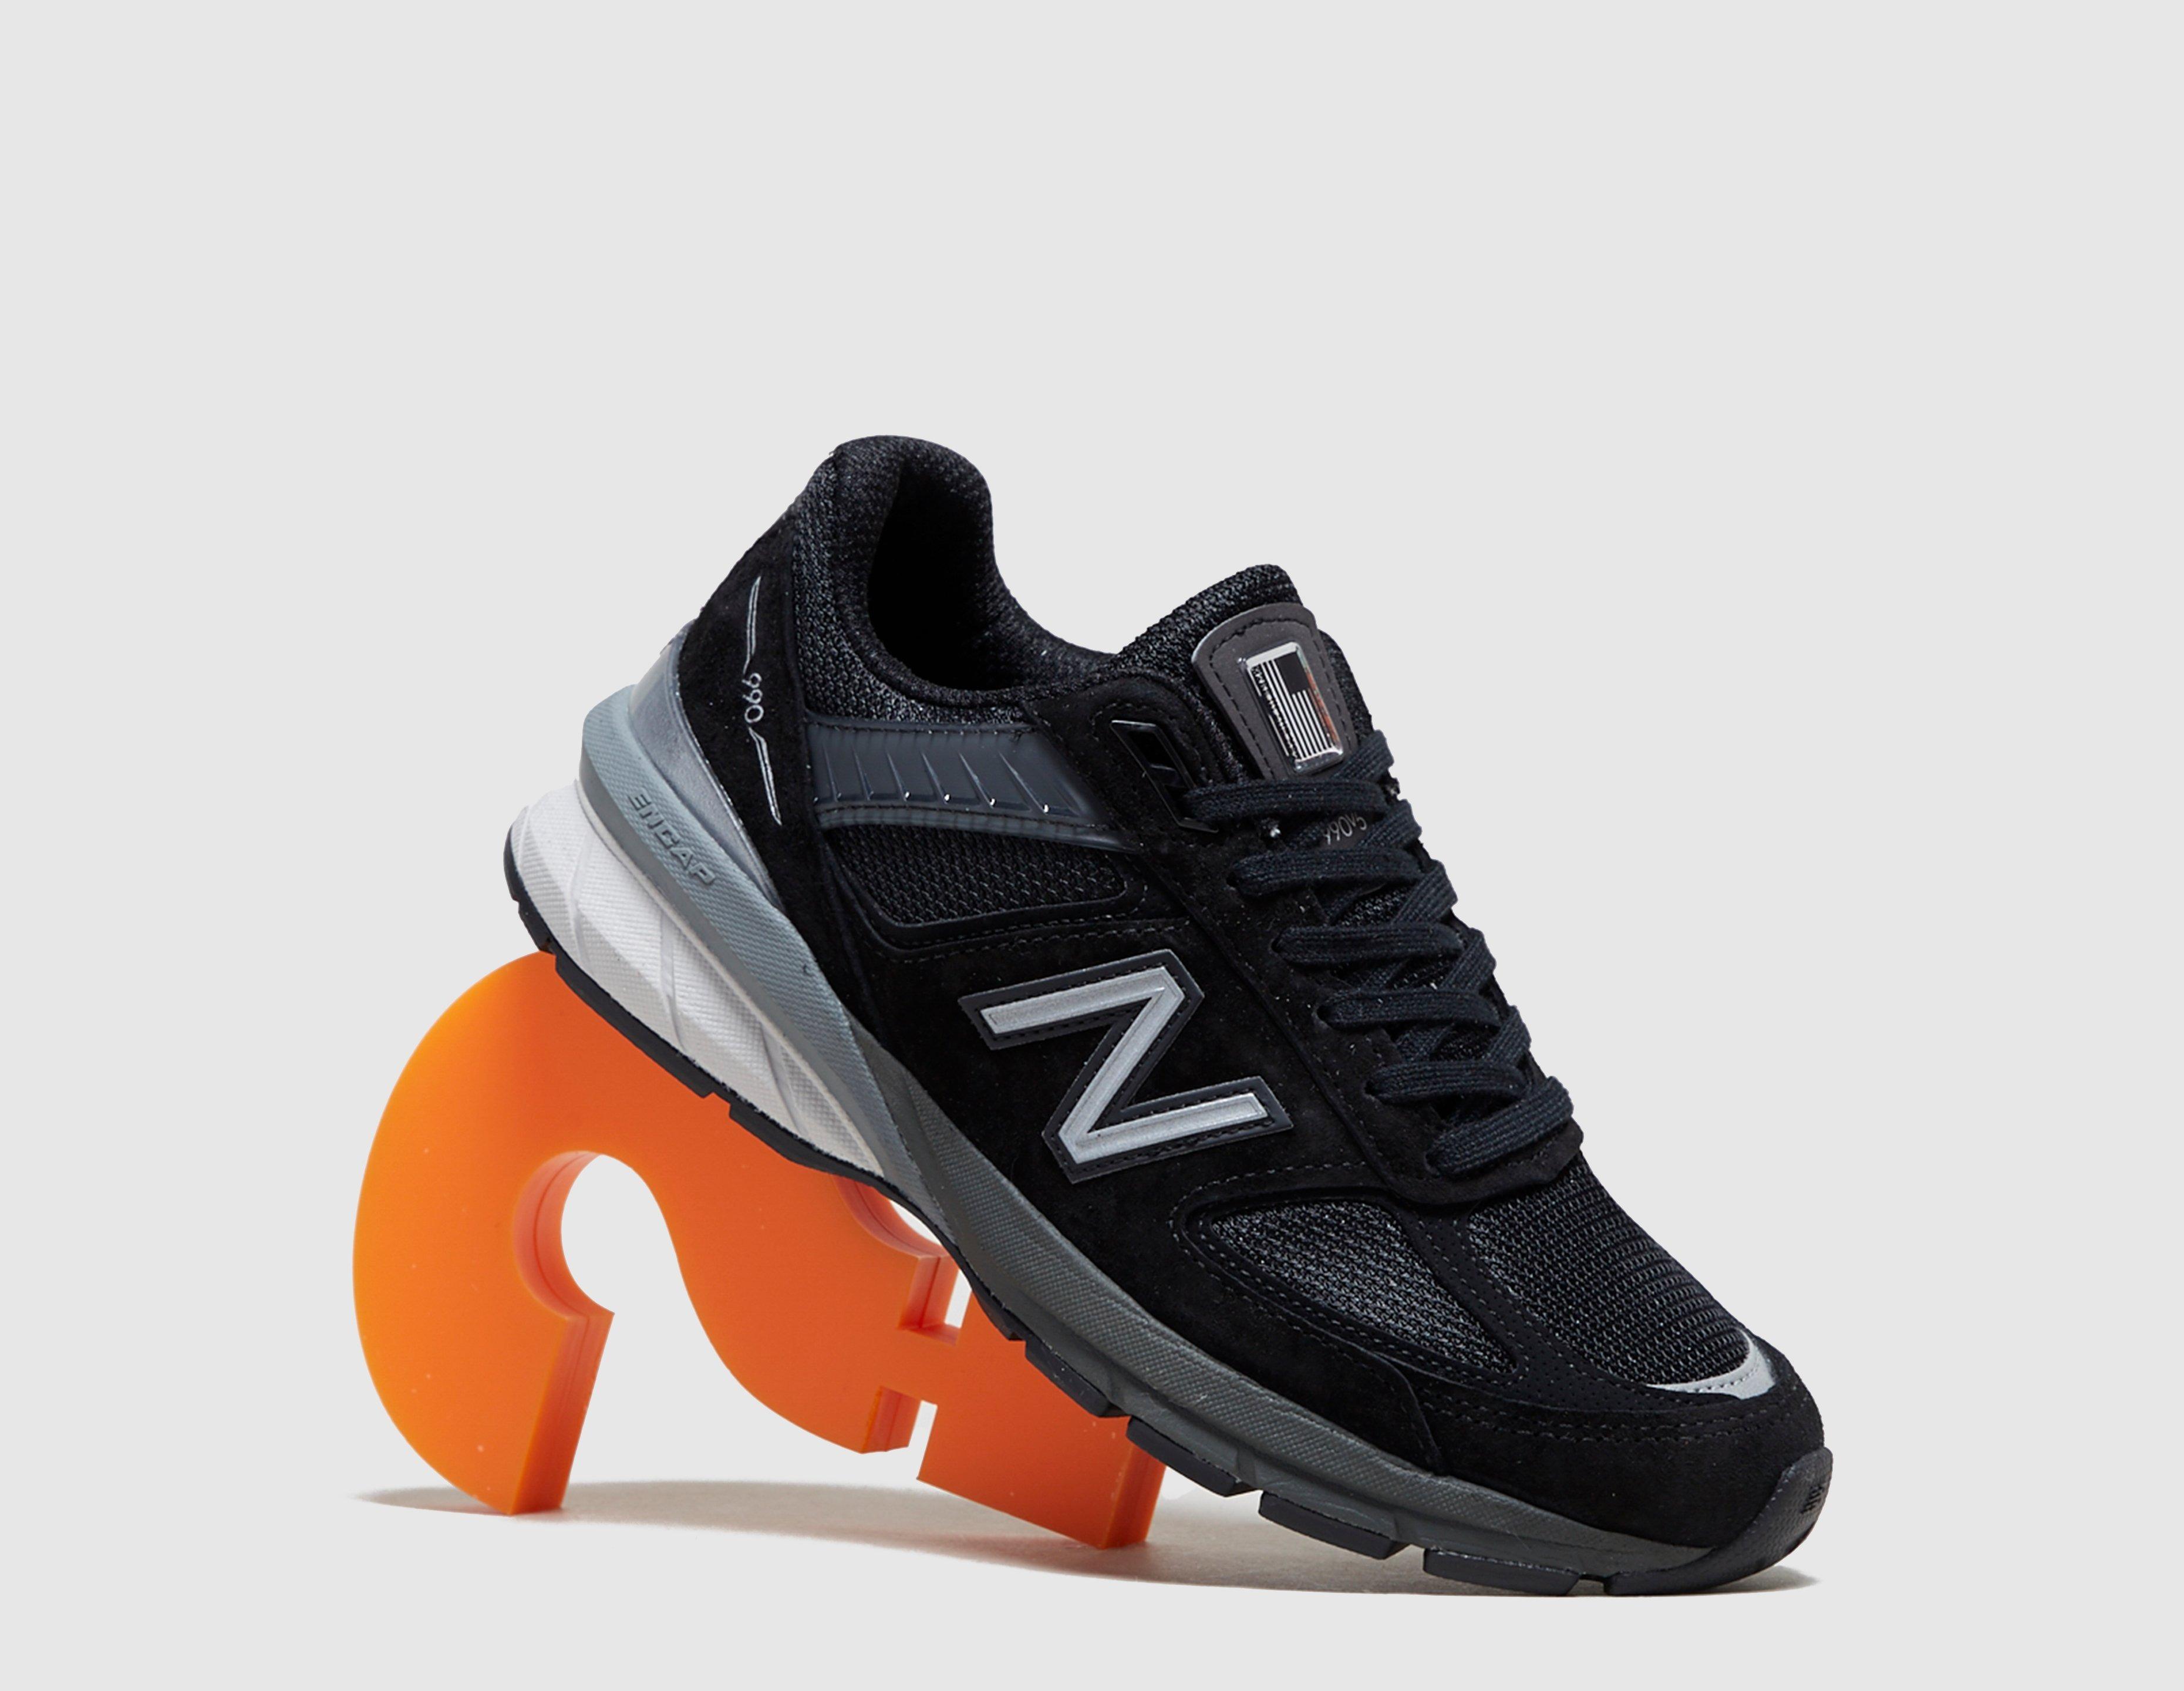 New Balance 990 v5 Frauen | Size?